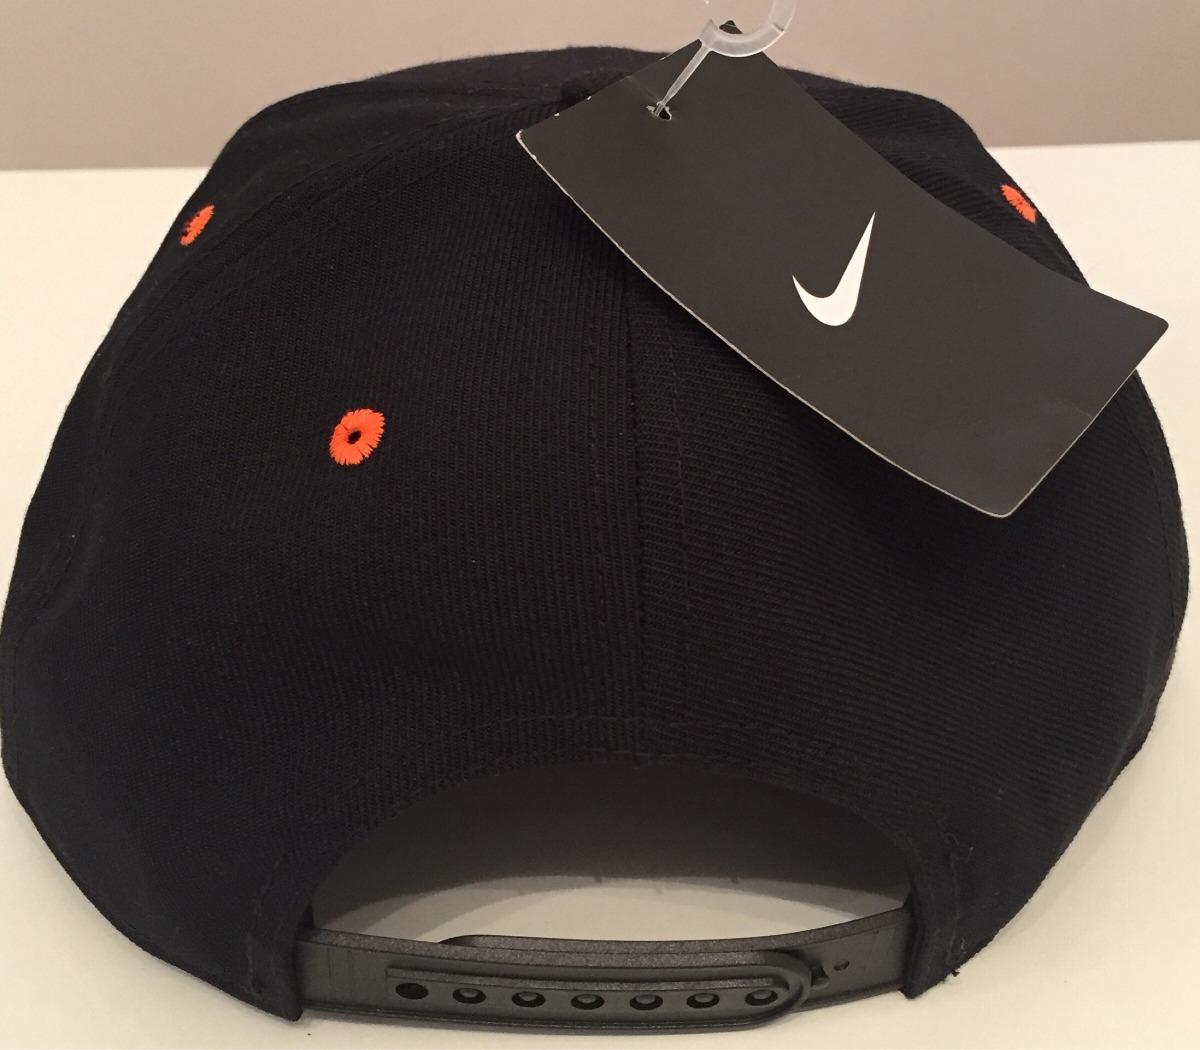 2bdef4544d1f2 Gorra Nike Lebron James Original Traída De Usa -   750